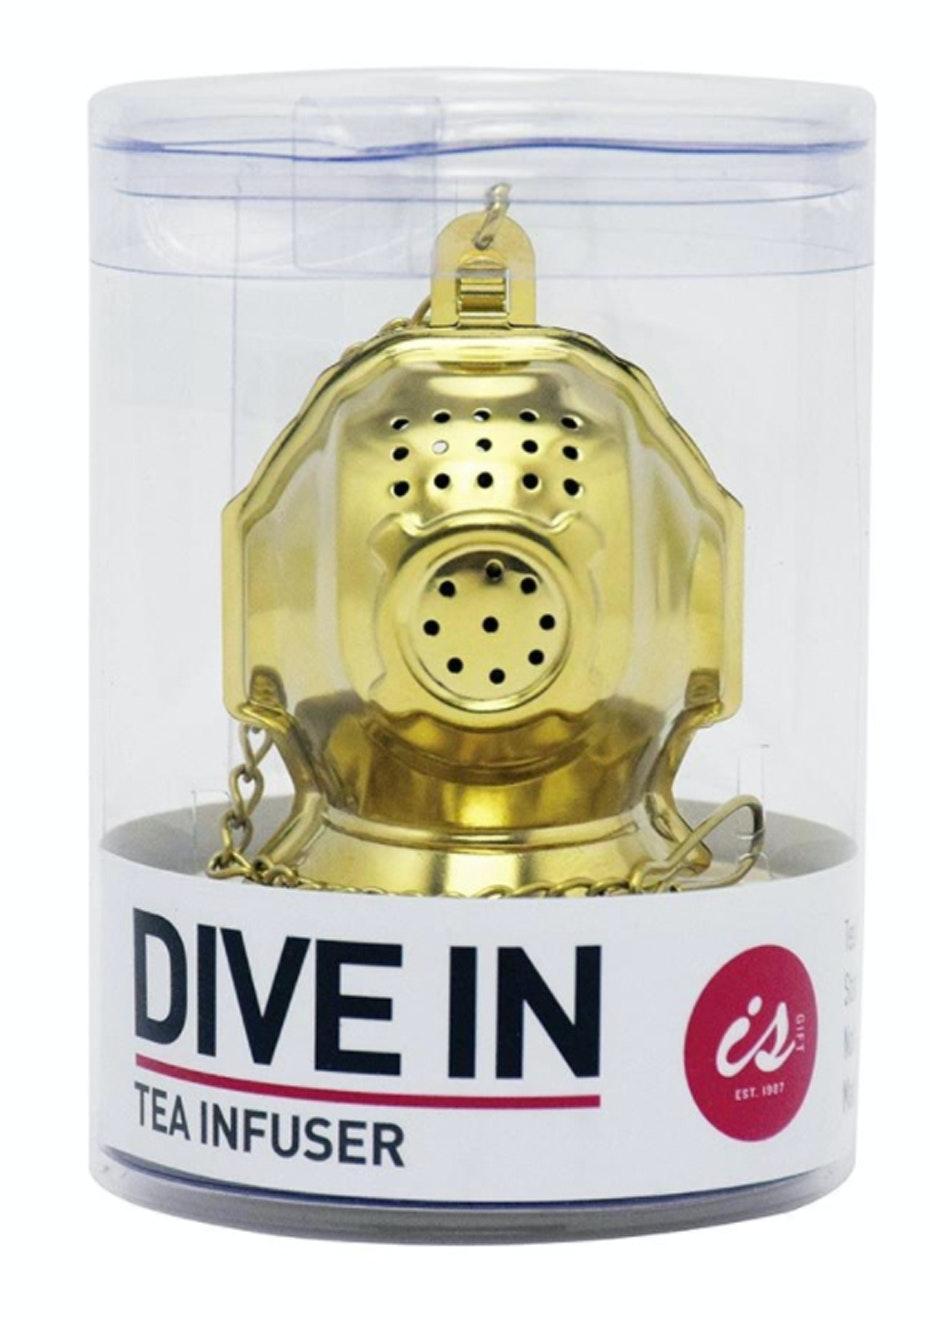 Dive In - Metal Tea Infuser